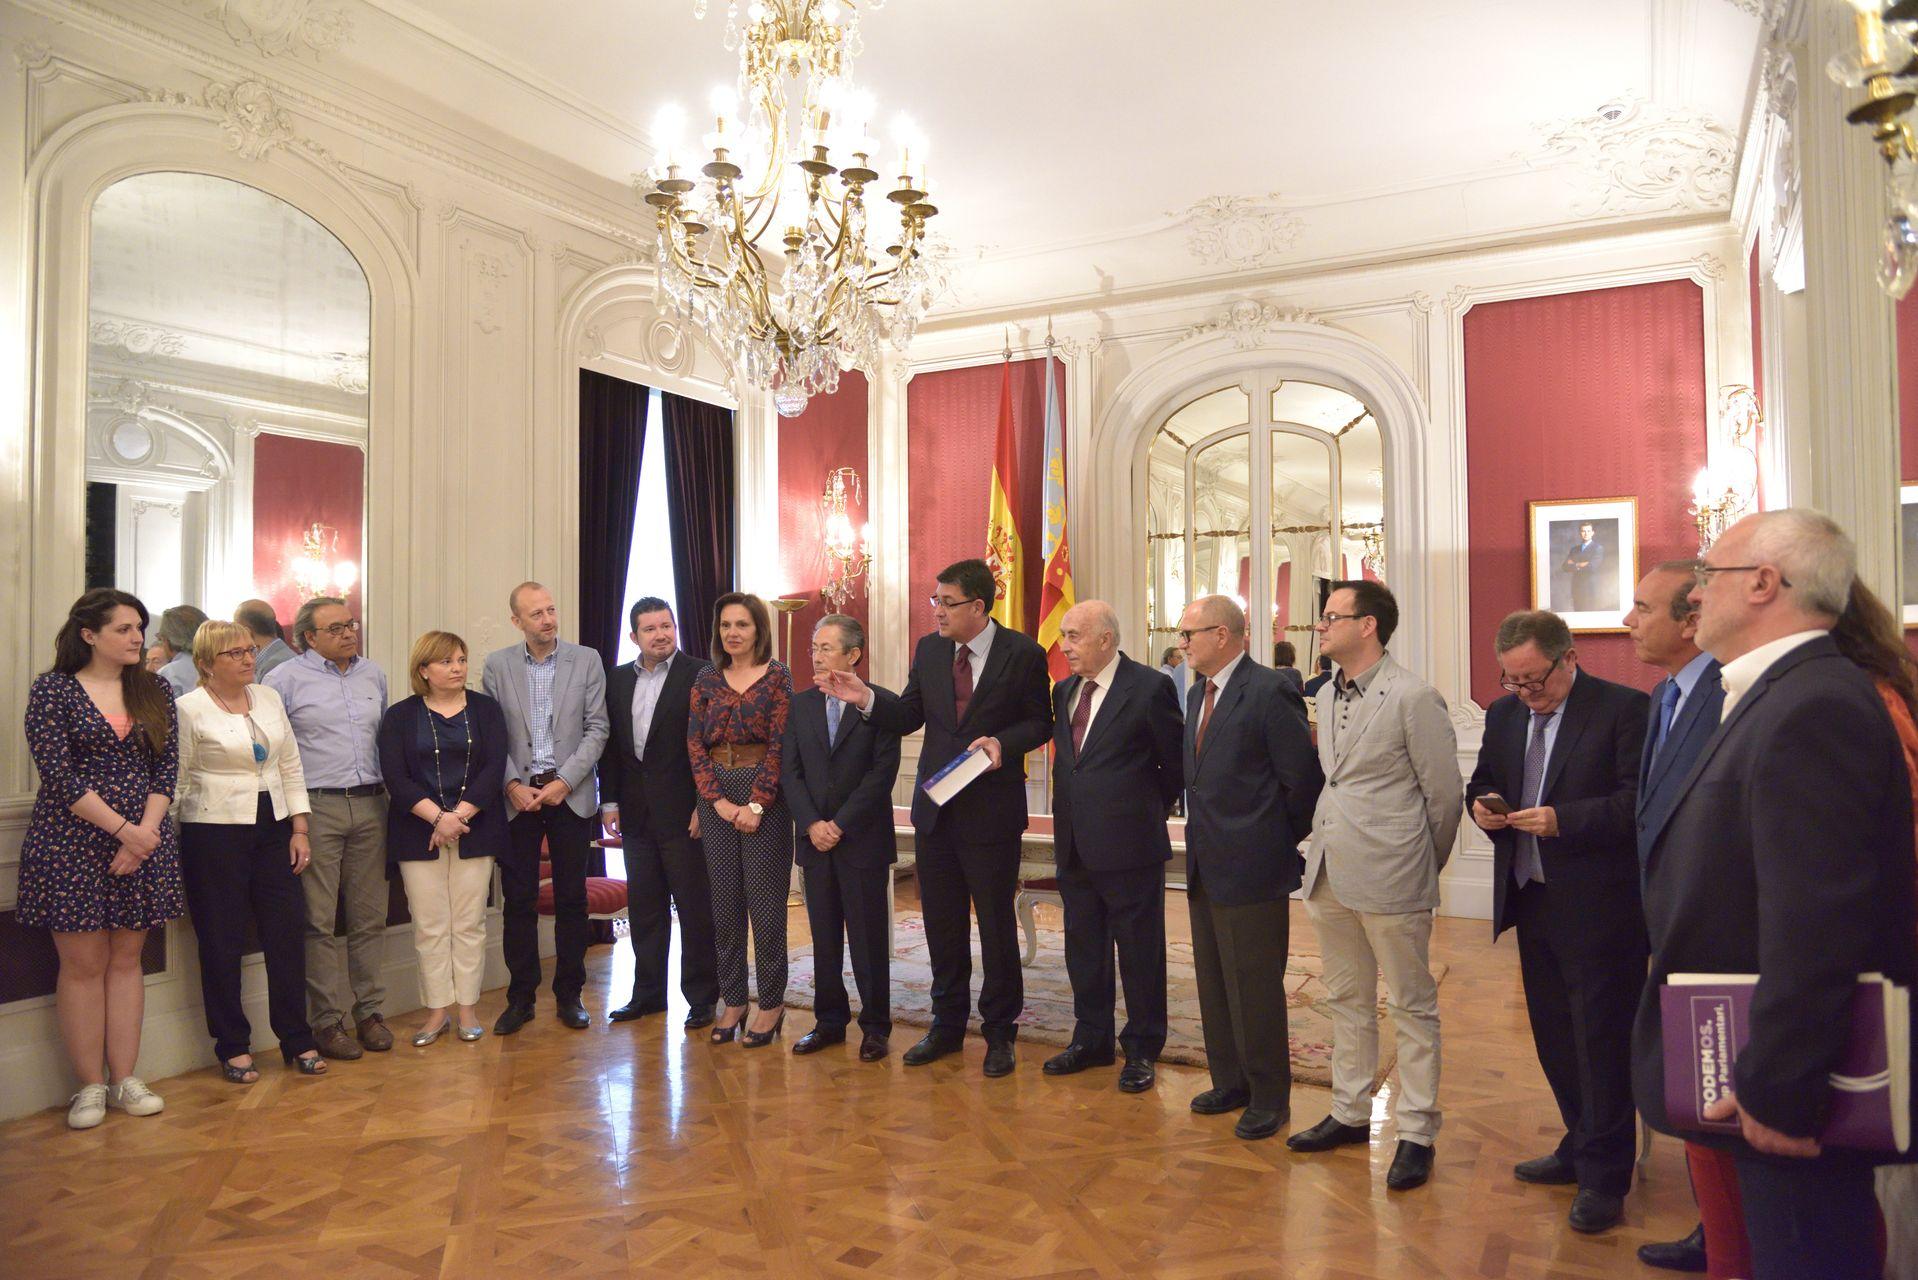 El síndic entrega el Informe anual 2015 al president de Les Corts Valencianes